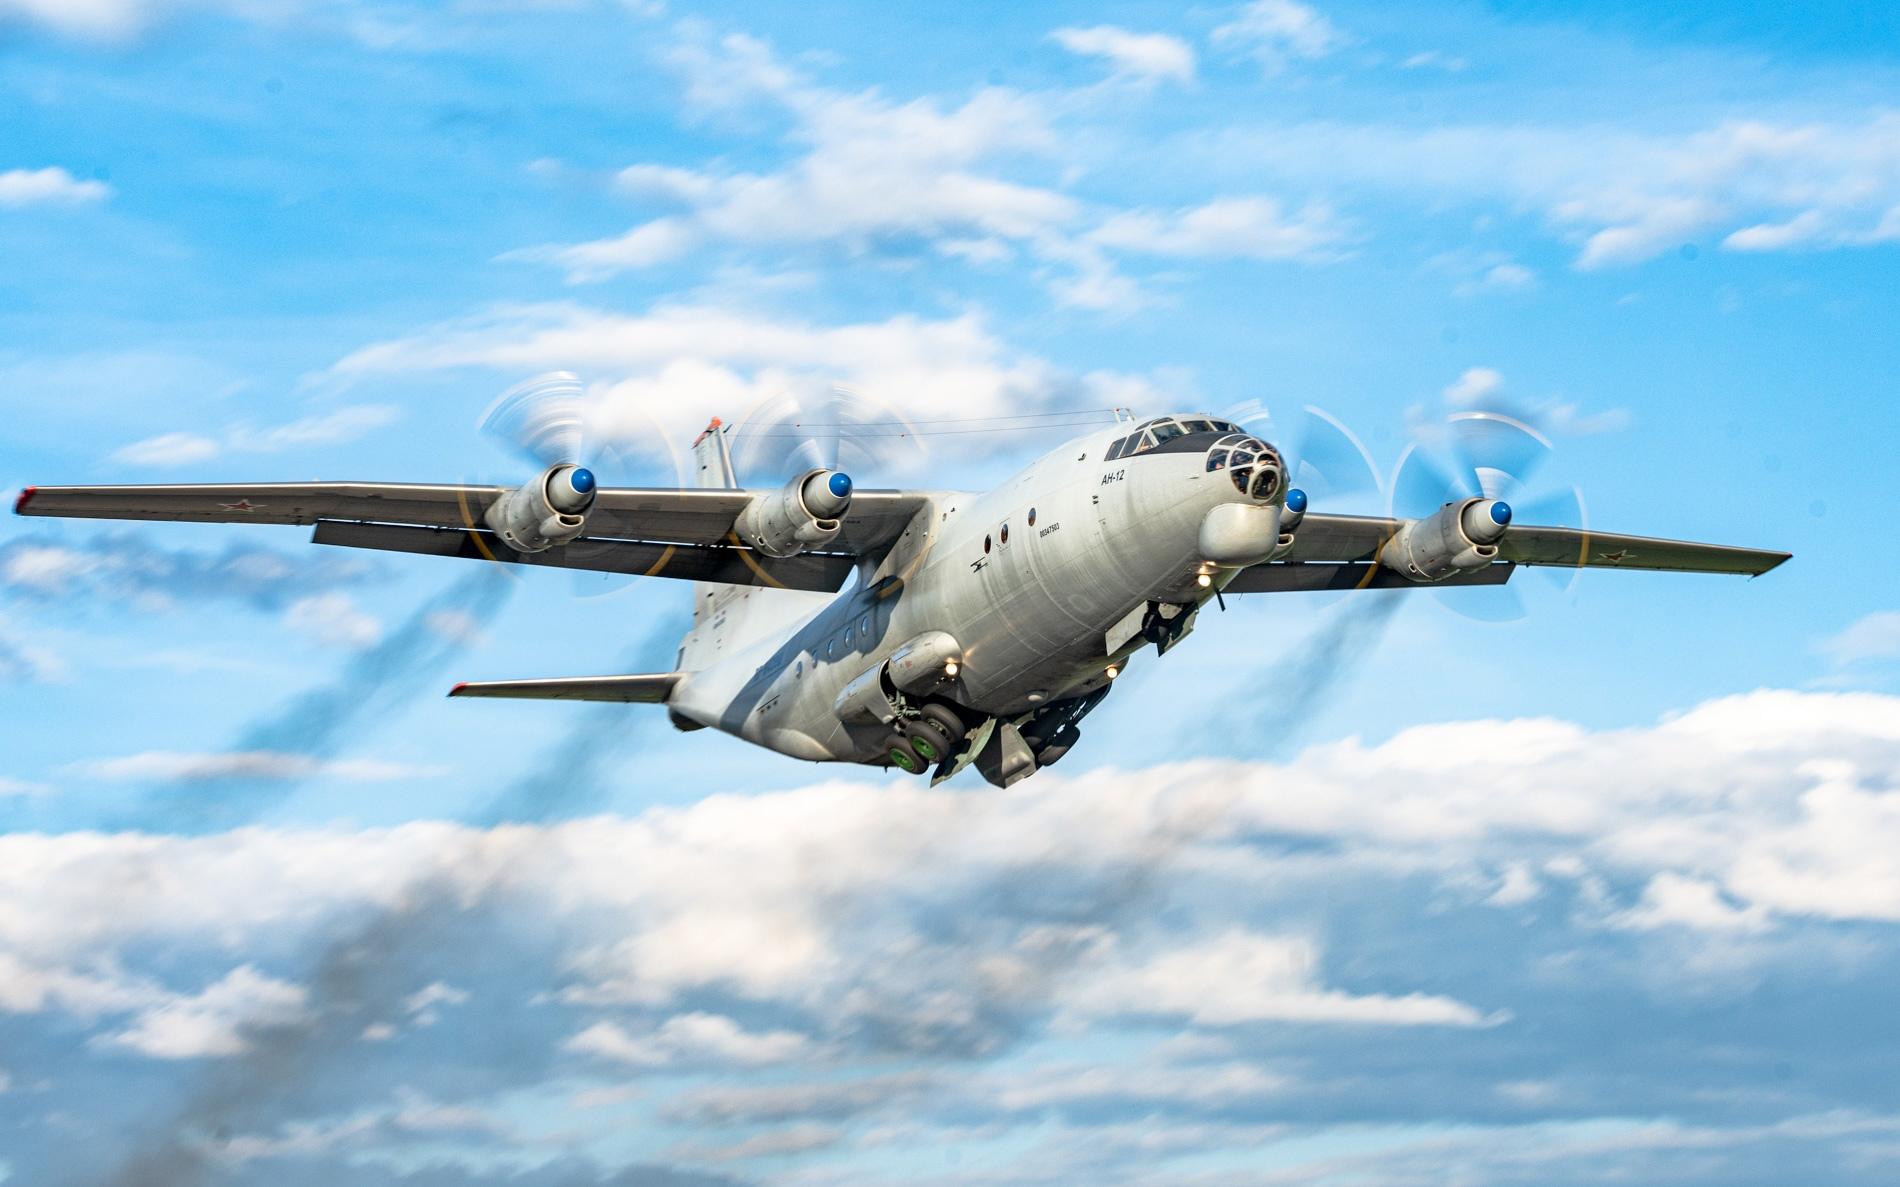 В небе над Тверью экипажи самолетов отработали противозенитный манёвр уклонения  - новости Афанасий